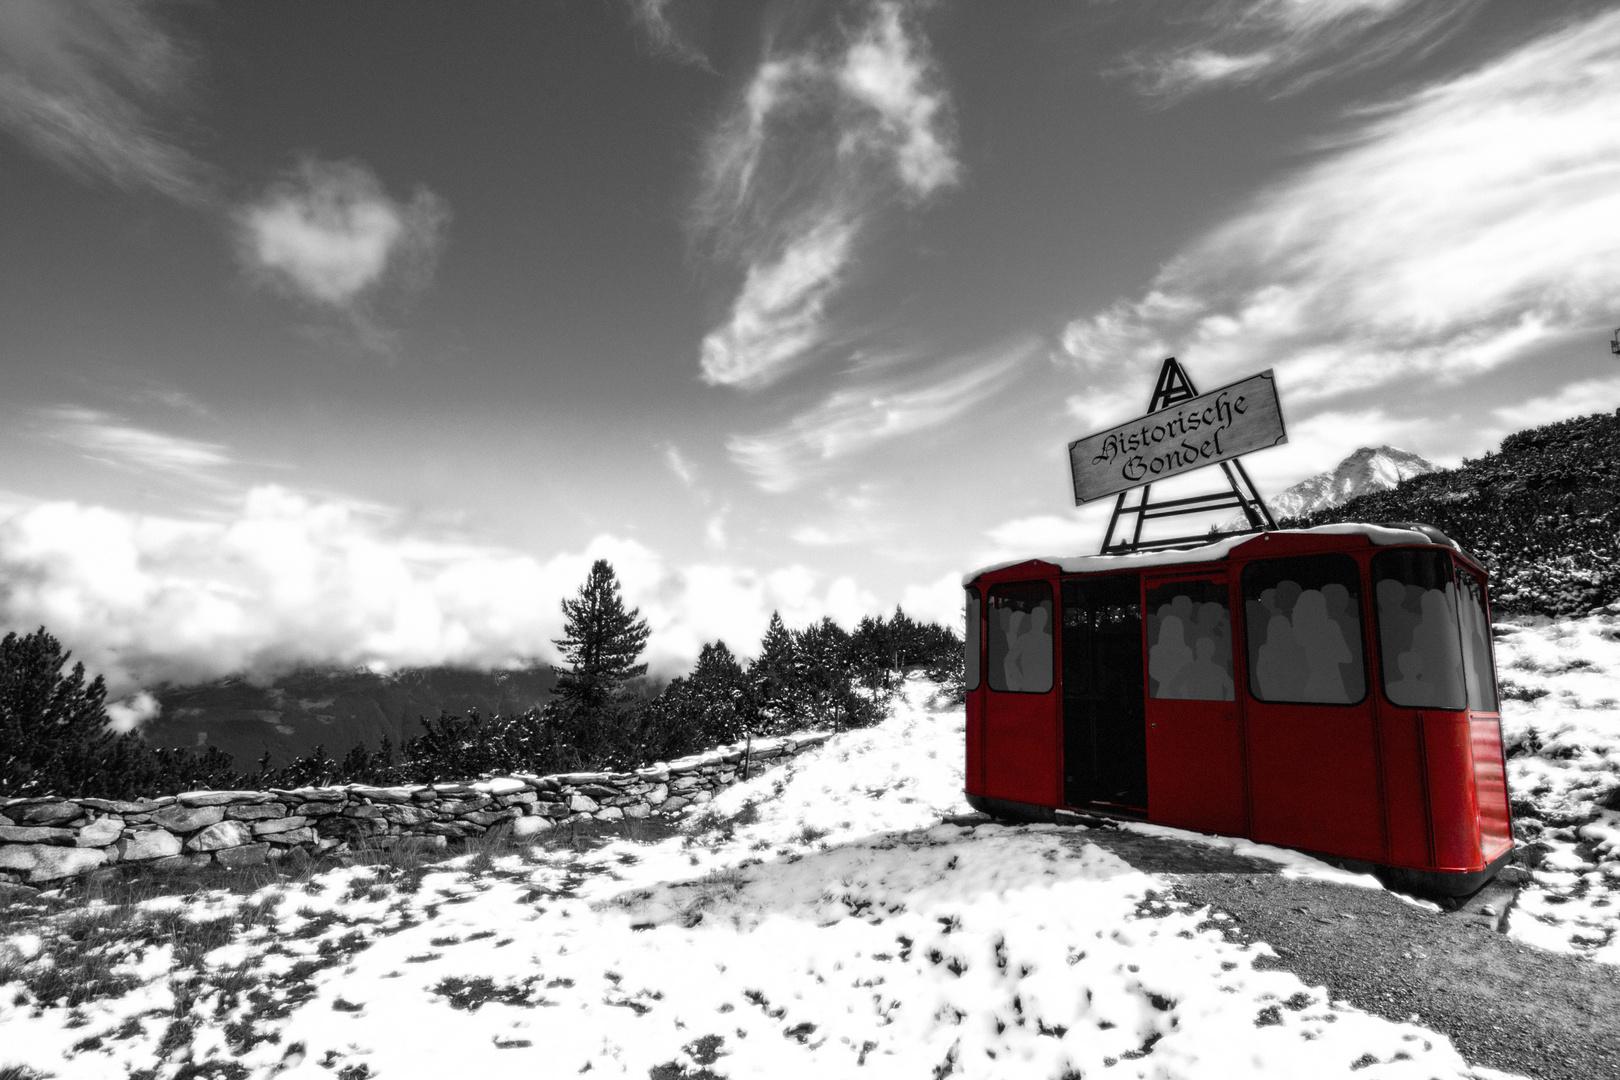 Ahornspitz - Die rote Gondel